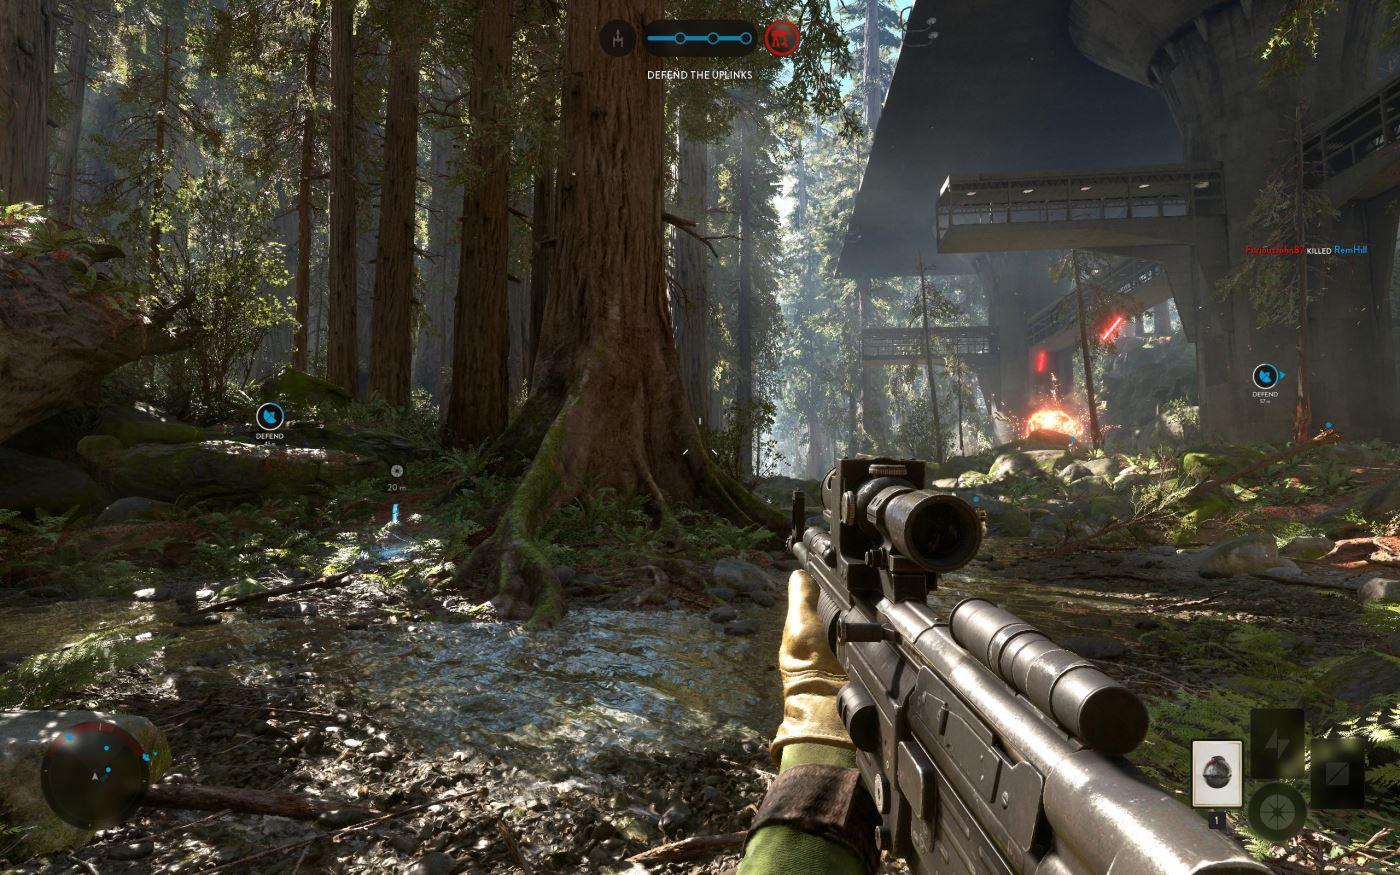 Star Wars Battlefront Endor Review